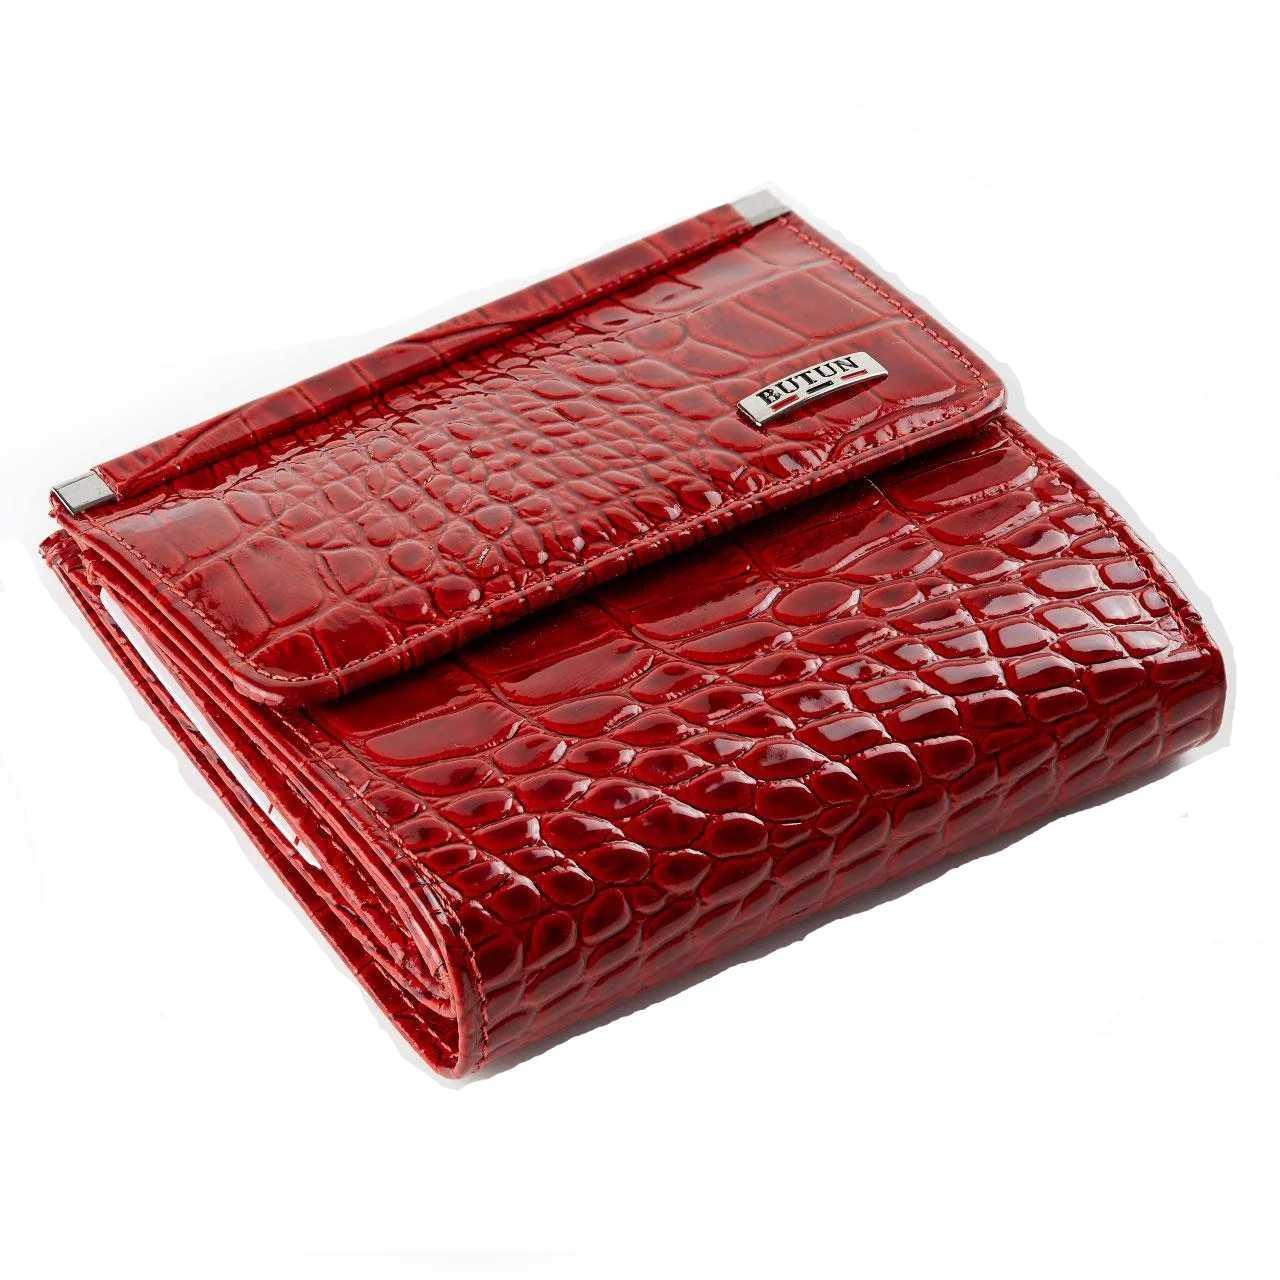 Женский кошелек Butun 590-006-006 кожаный красный